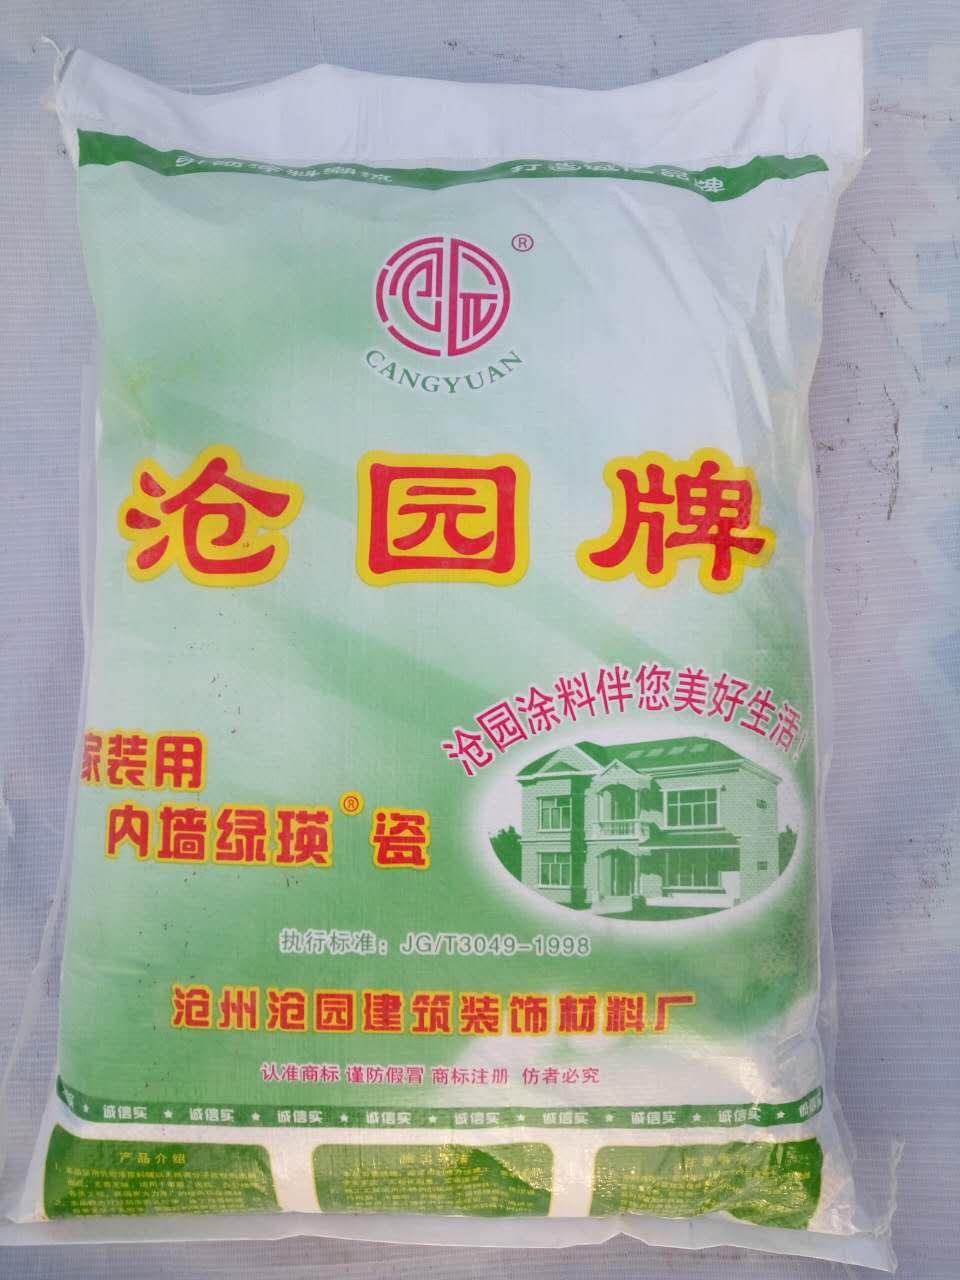 沧州腻子粉哪里有卖 沧州腻子粉批发价格 沧州绿瑛瓷腻子粉